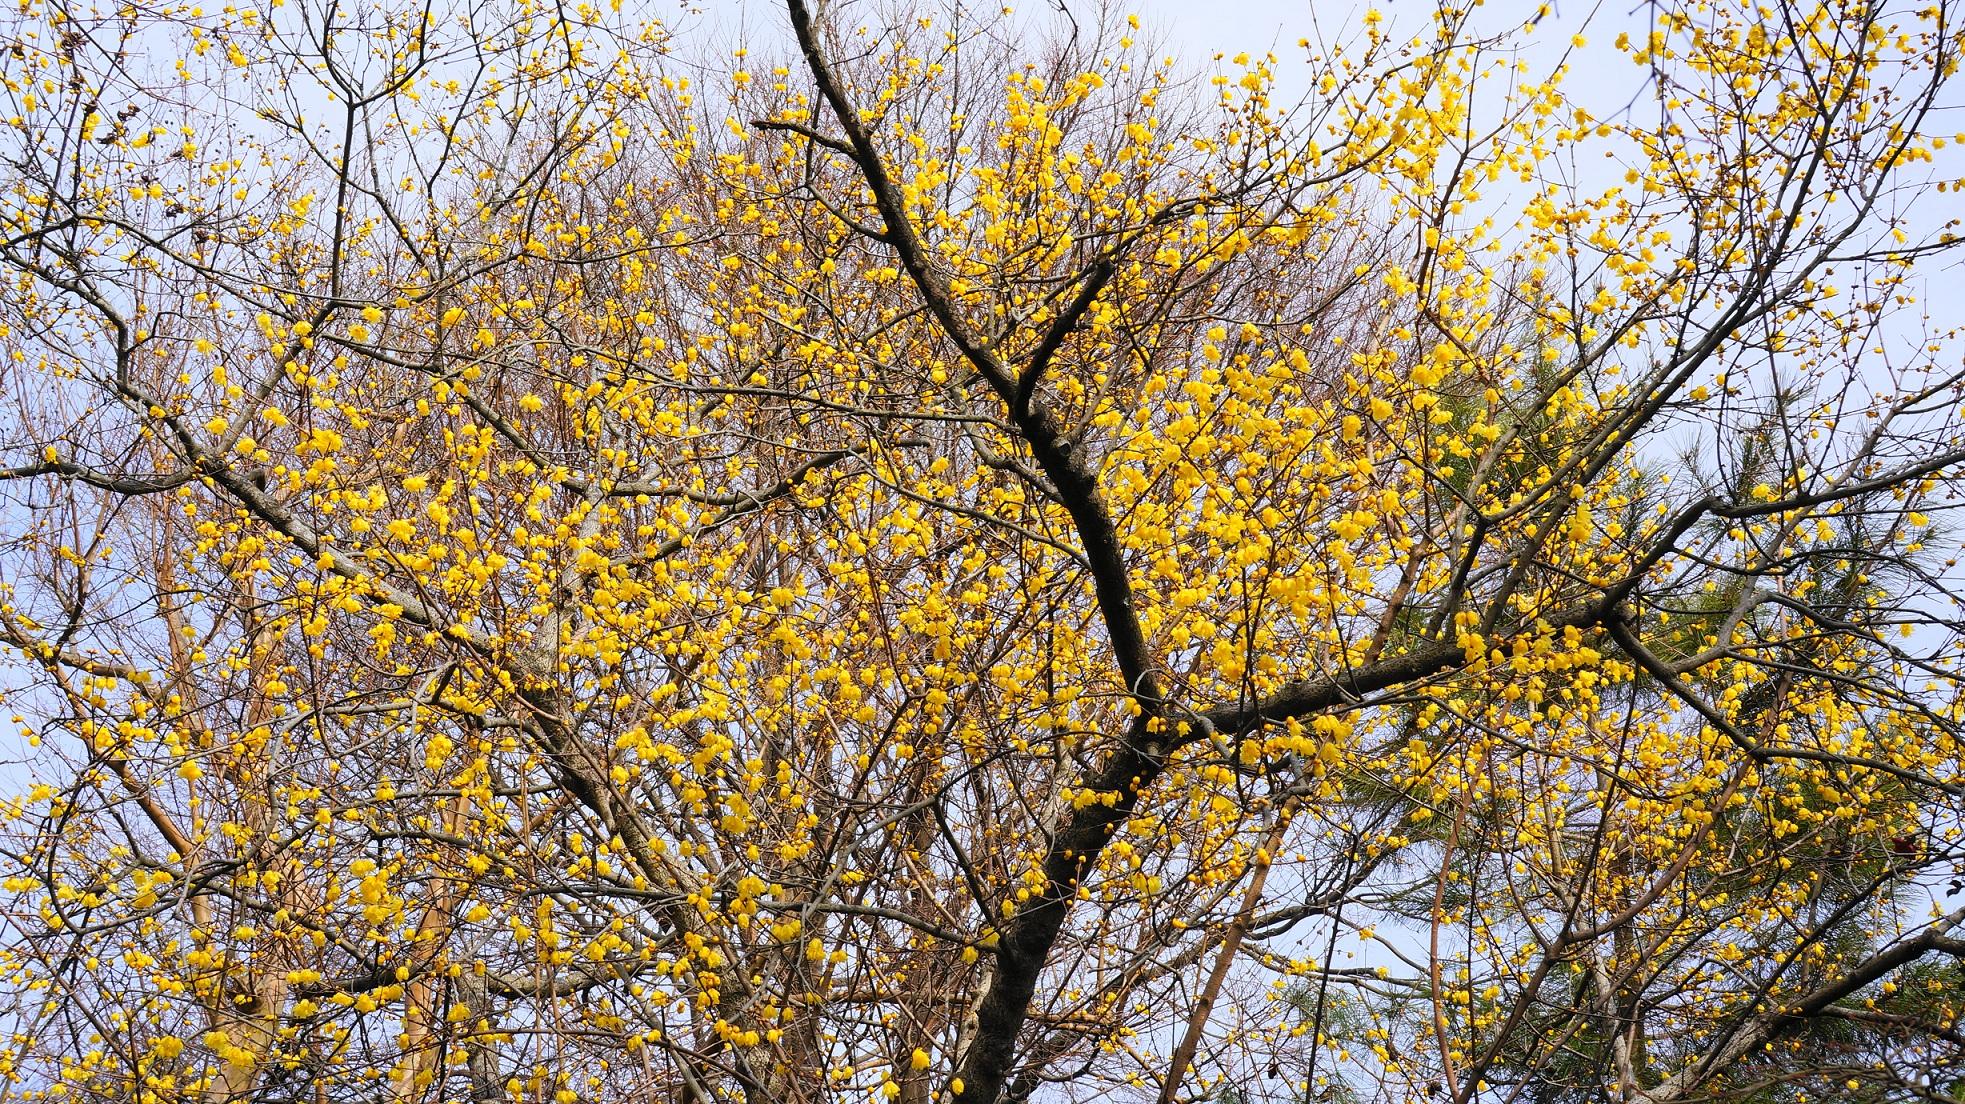 花をいっぱいつけて優雅に庭園を彩る大きな蝋梅の木